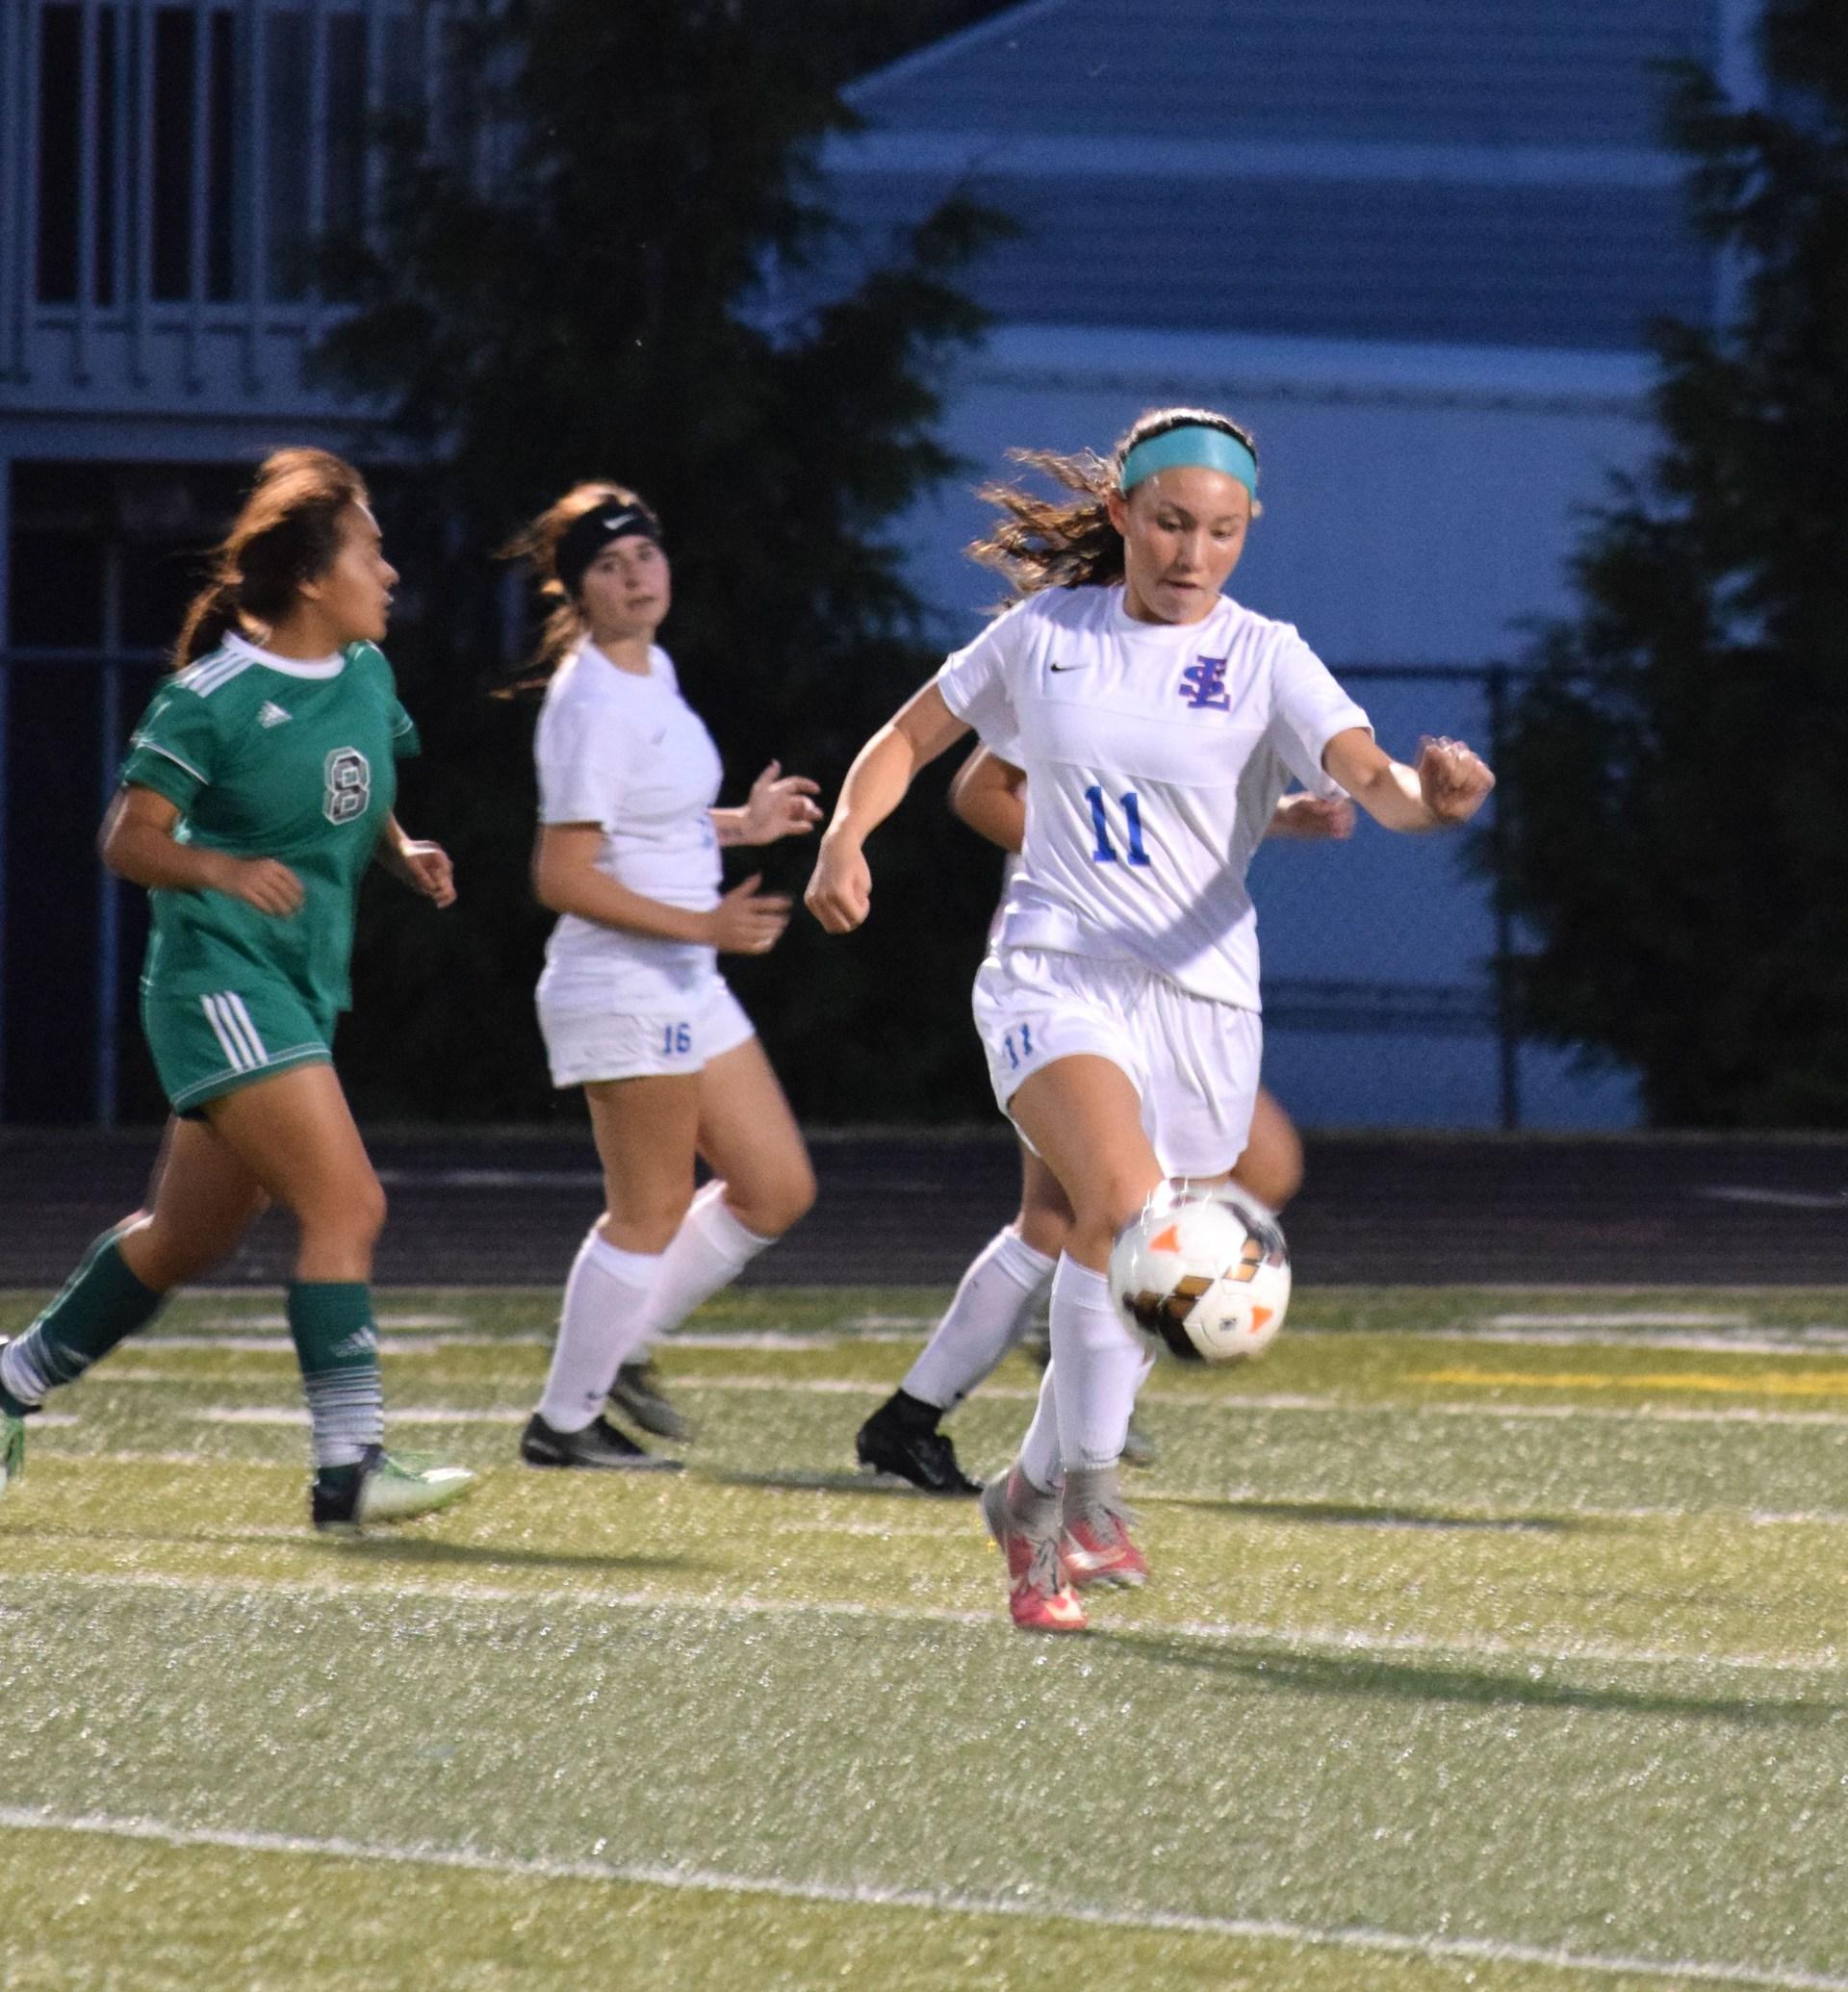 Girl kicking soccer ball.